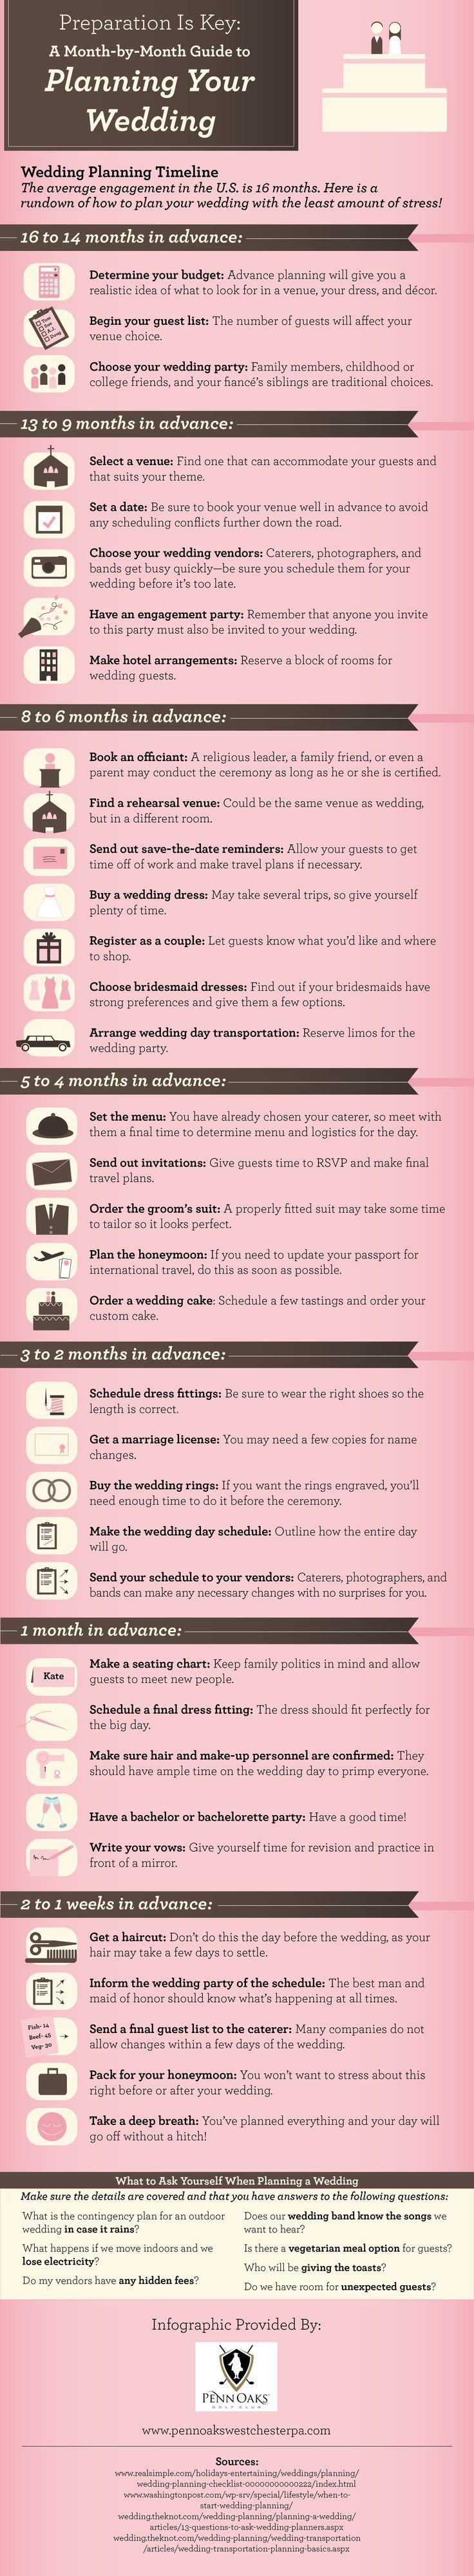 12 Month Wedding Planning Checklist 9 best